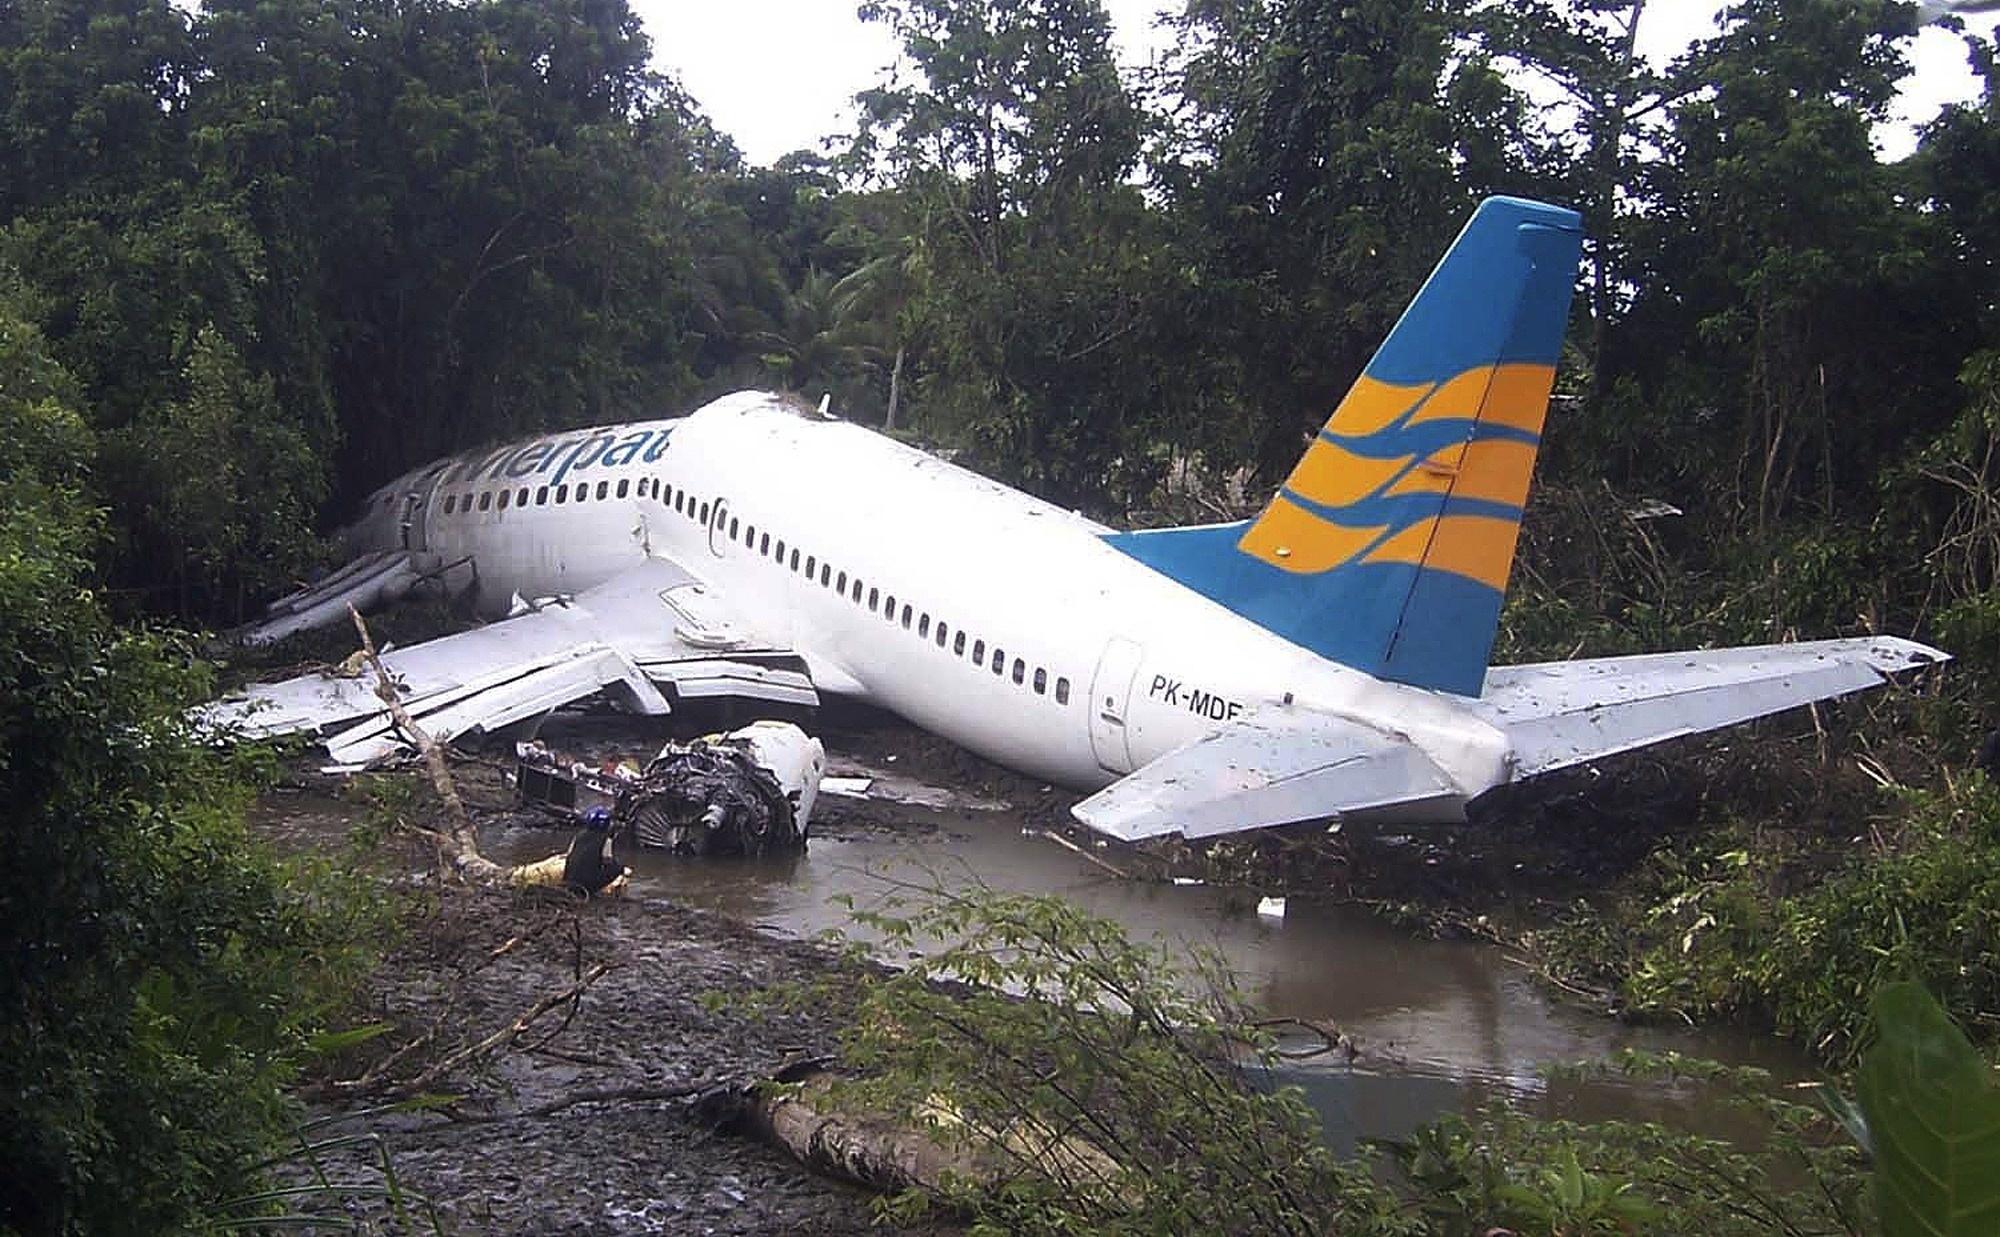 Разбился самолет картинка